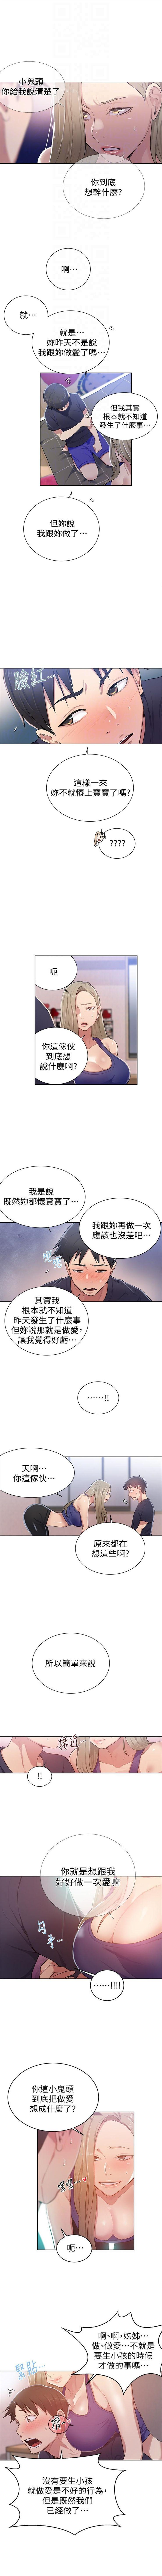 (週6)秘密教學  1-35 中文翻譯 (更新中) 76